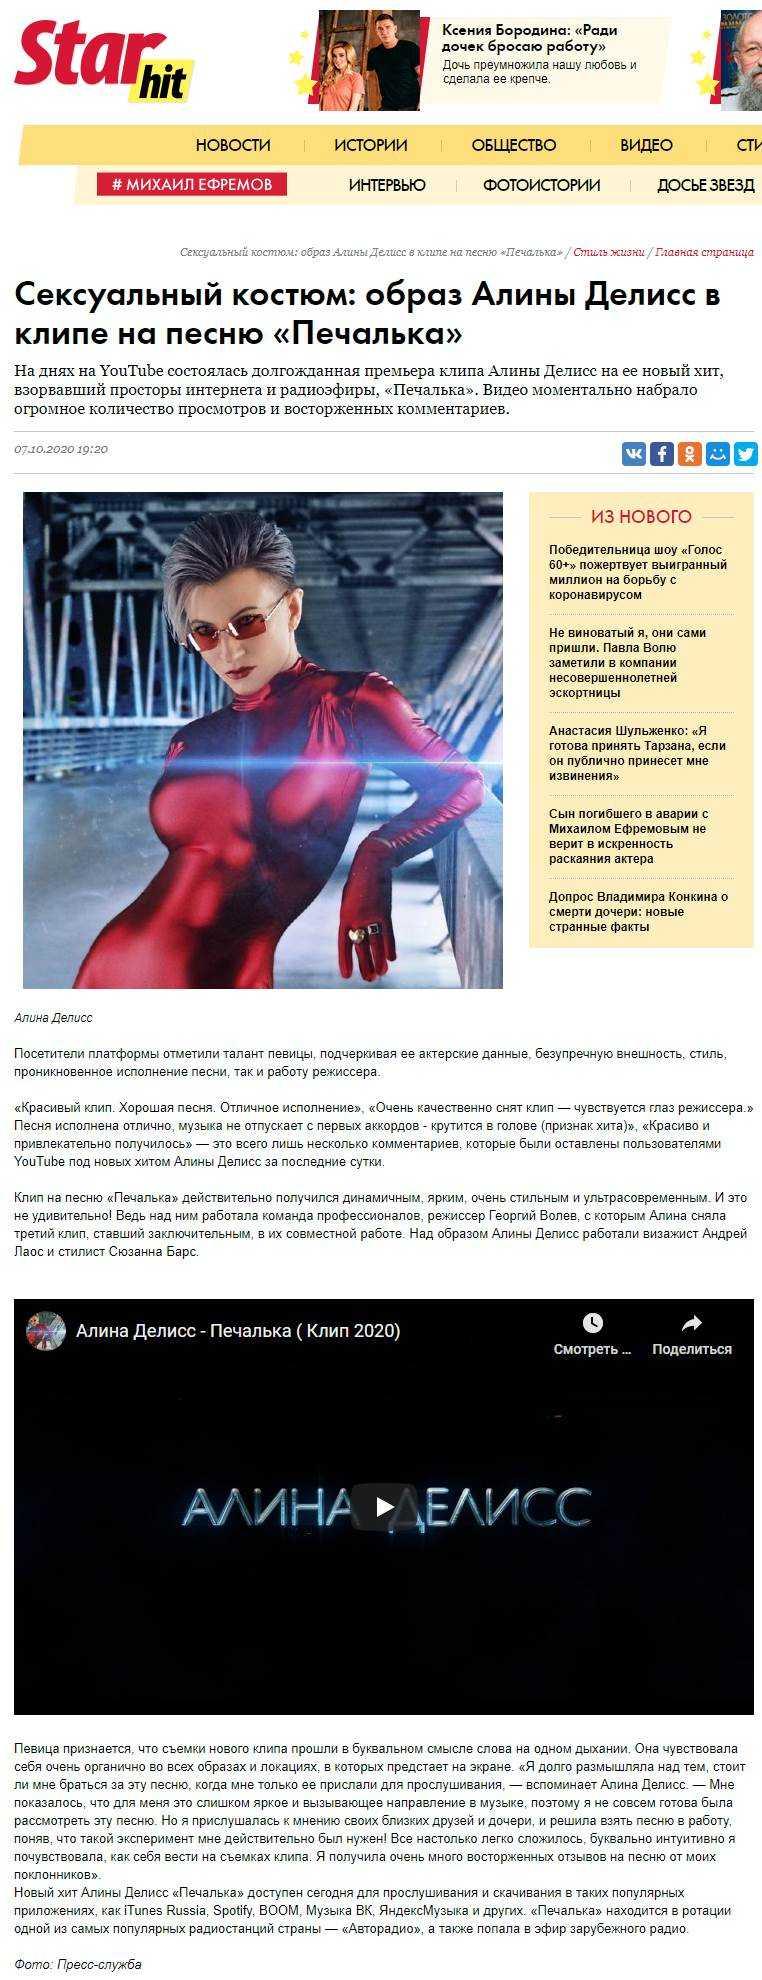 Сексуальный костюм: образ Алины Делисс в клипе на песню «Печалька» (starhit.ru)